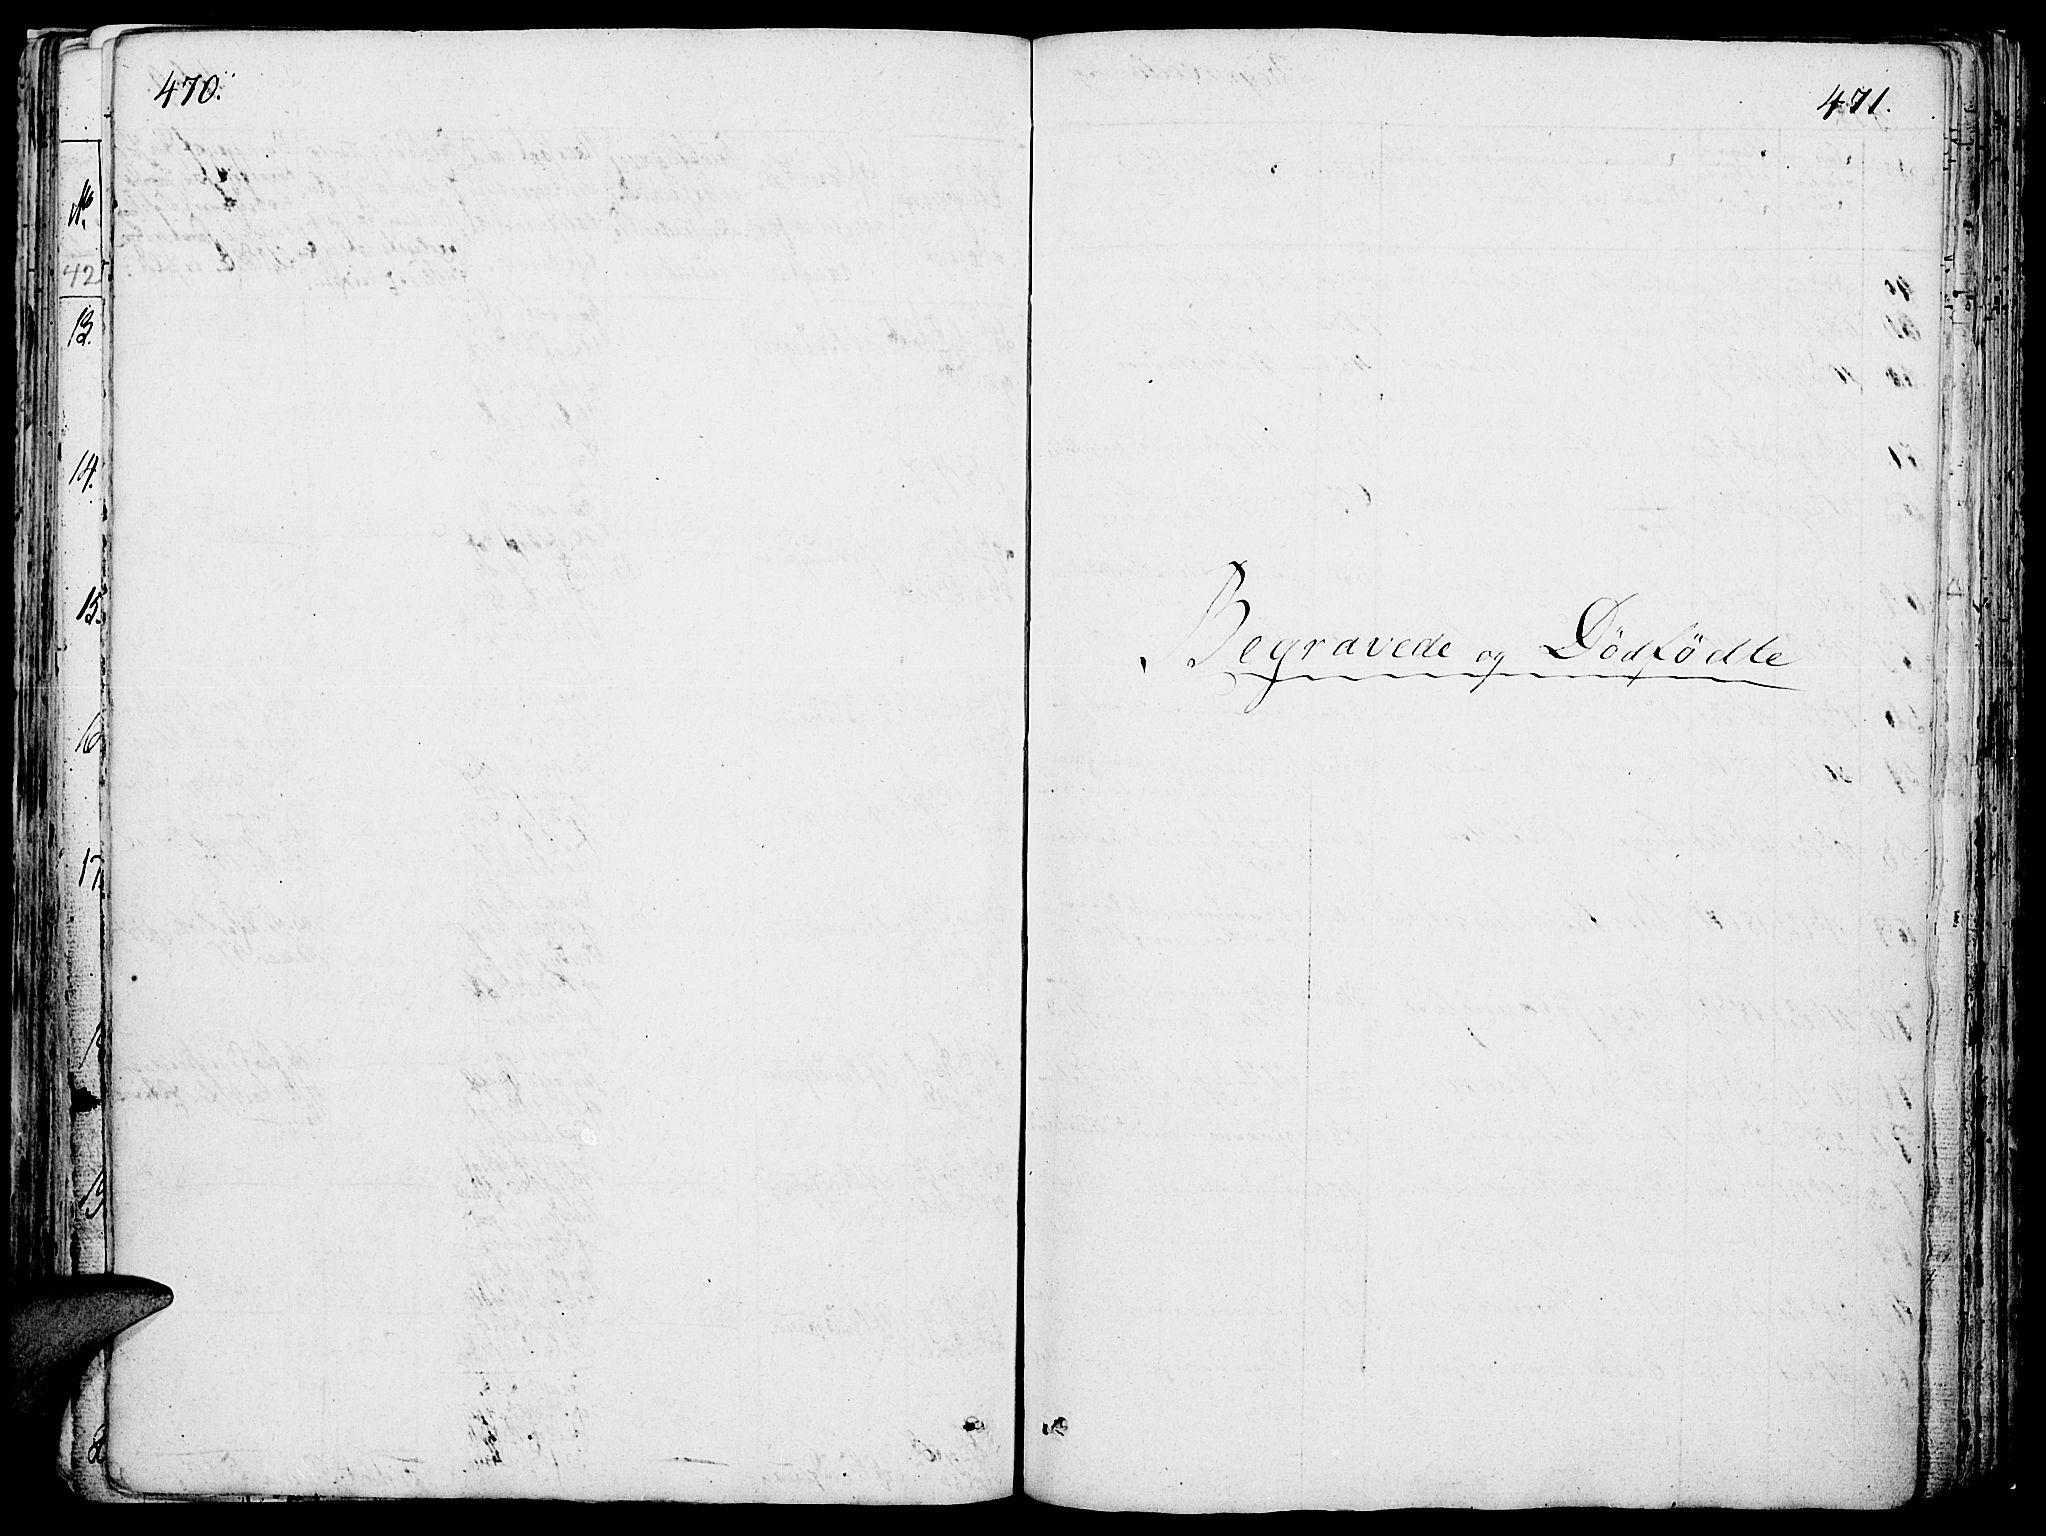 SAH, Løten prestekontor, K/Ka/L0006: Parish register (official) no. 6, 1832-1849, p. 470-471